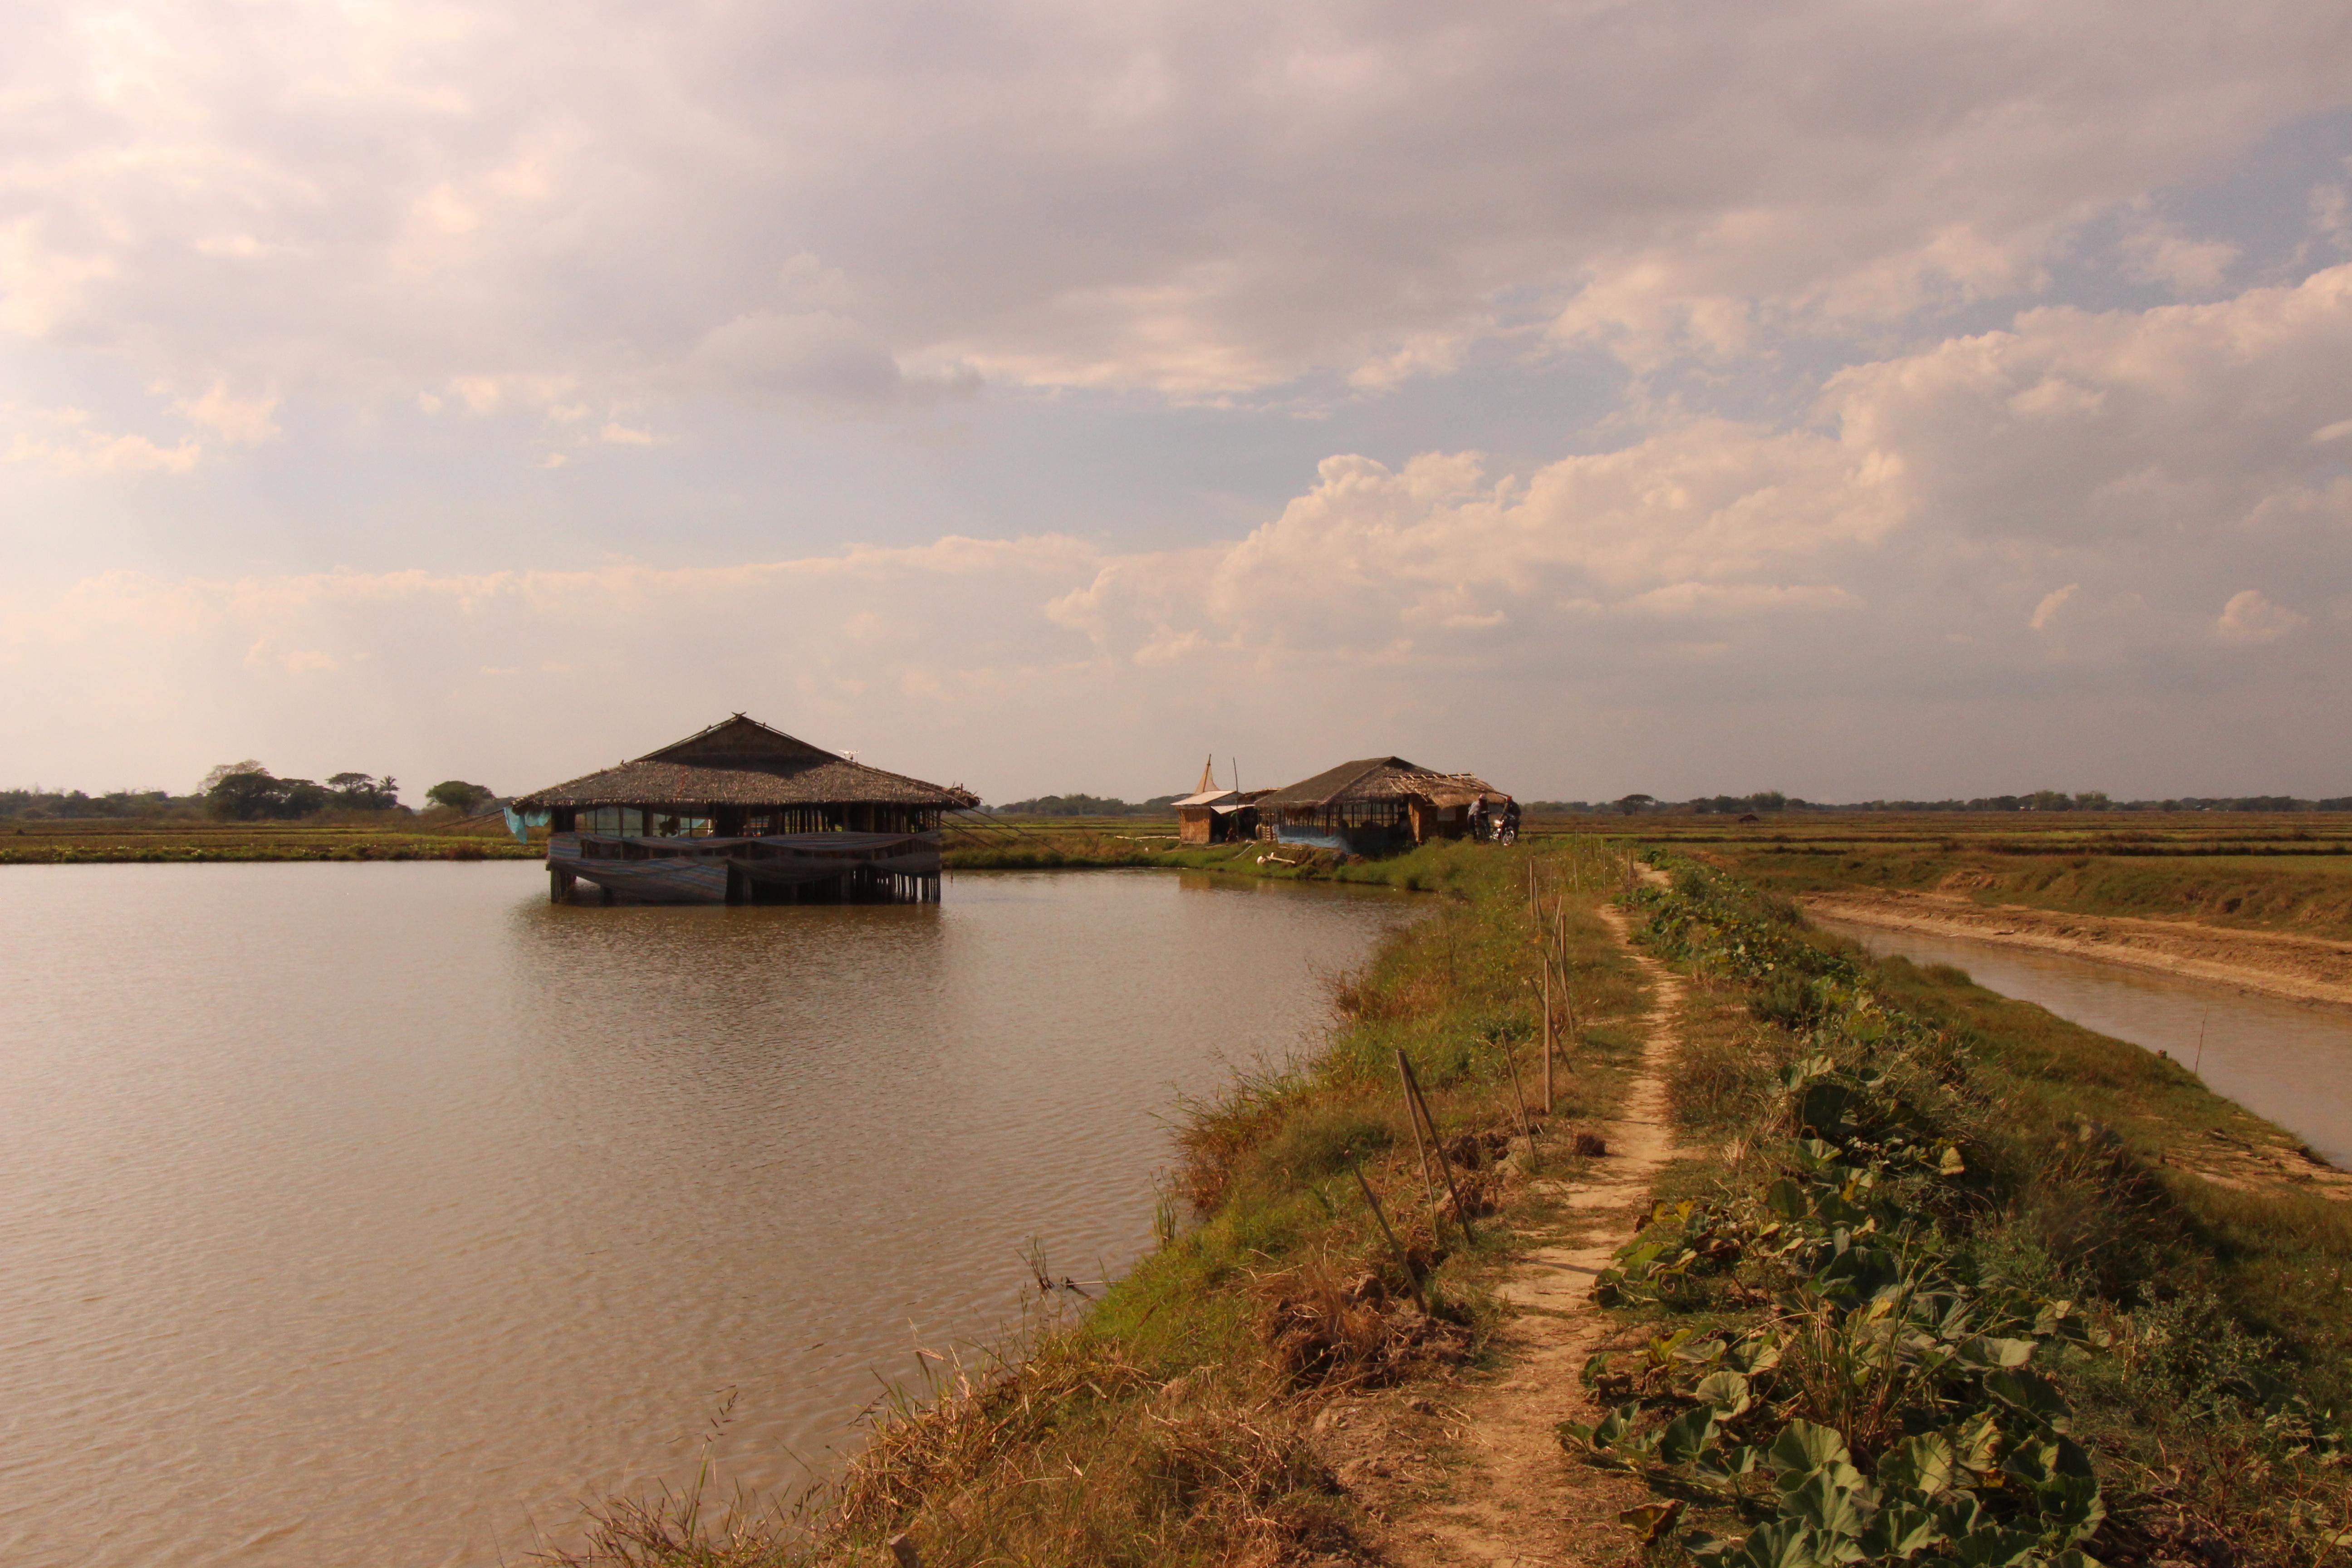 ငါးရှဉ့်မွေးမြူရေးလုပ်ငန်း အကျိူးတူလုပ်ကိုင်ရန် တရုတ်နိုင်ငံမှ လုပ်ငန်းရှင်များ လာရောက်ဆွေးနွေး